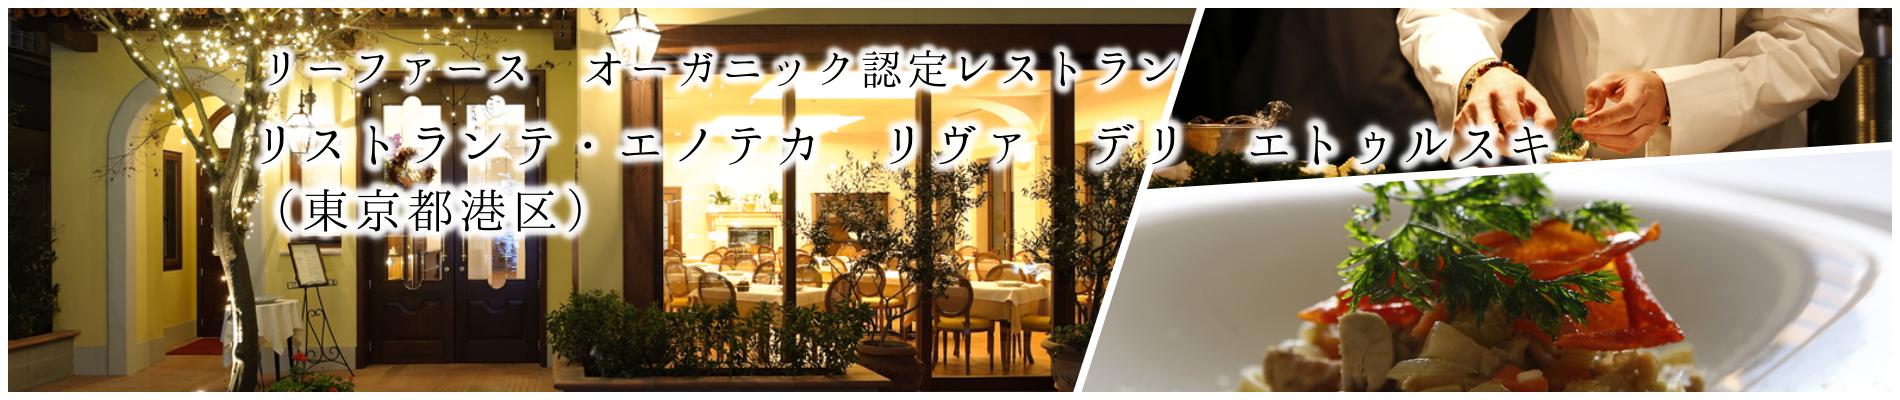 リストランテ・エノテカ リヴァ デリ エトゥルスキ(東京都港区)